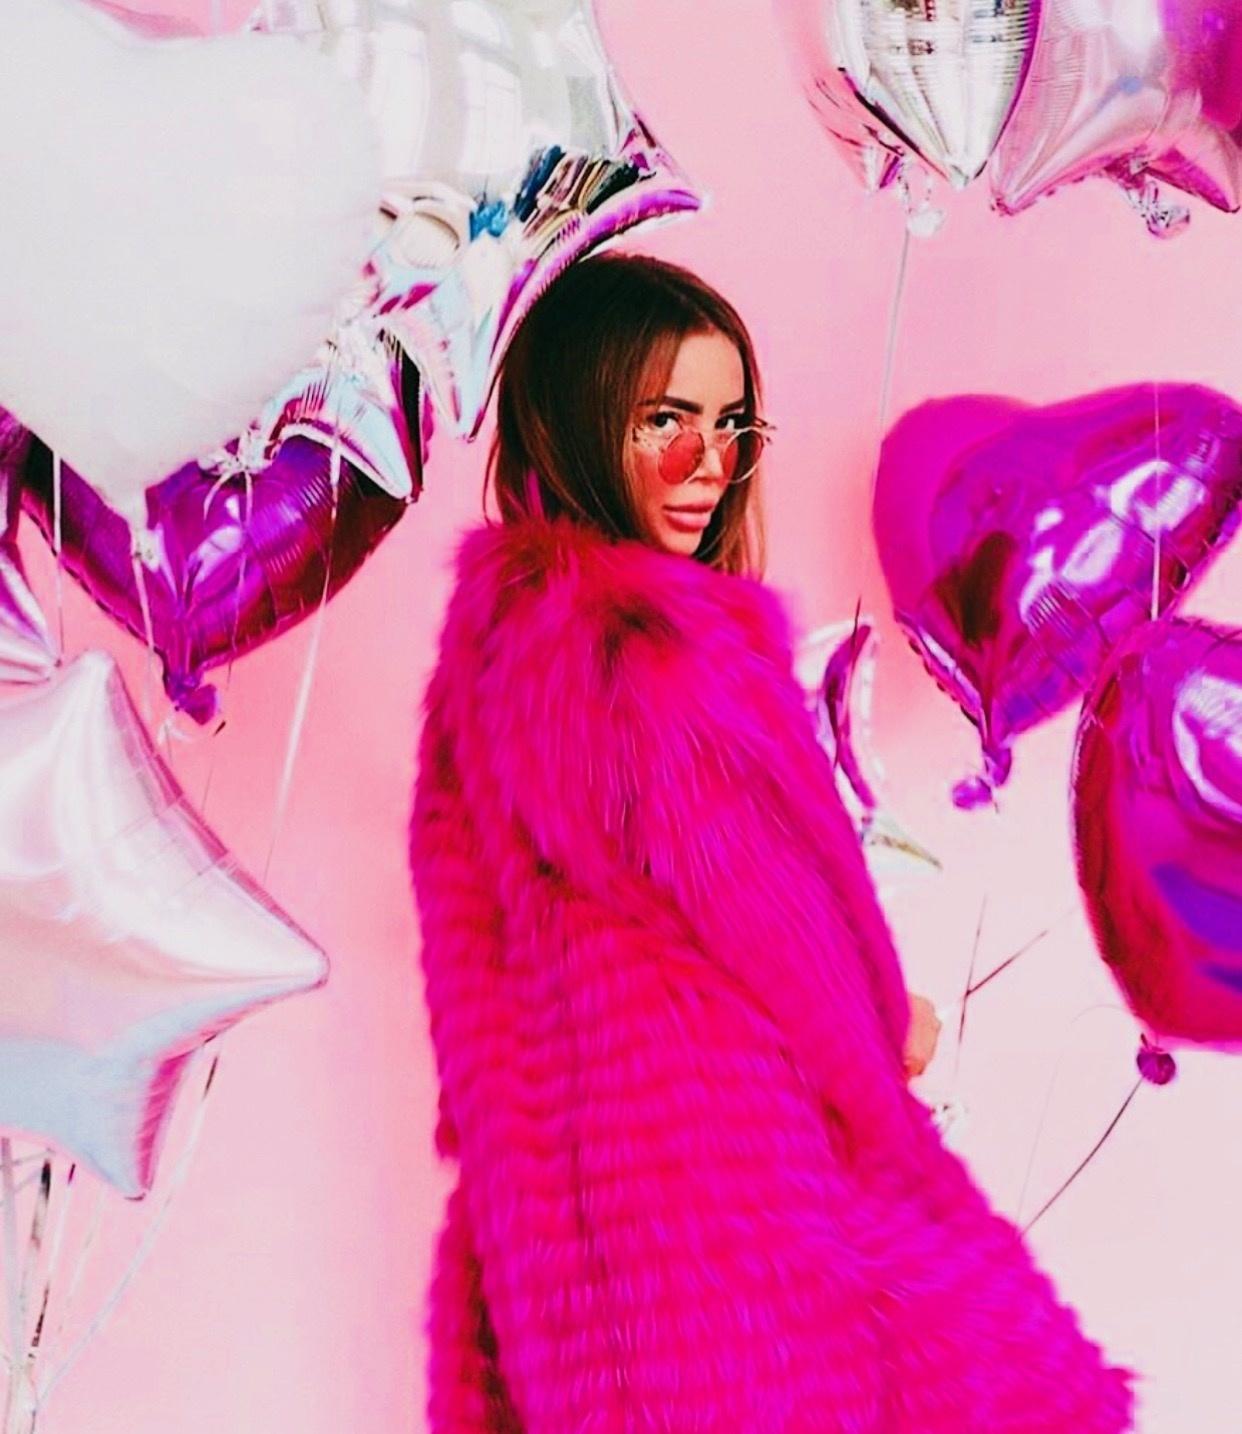 Шубы из чернобурки на кашемире Розовое пальто из чернобурки на кашемире